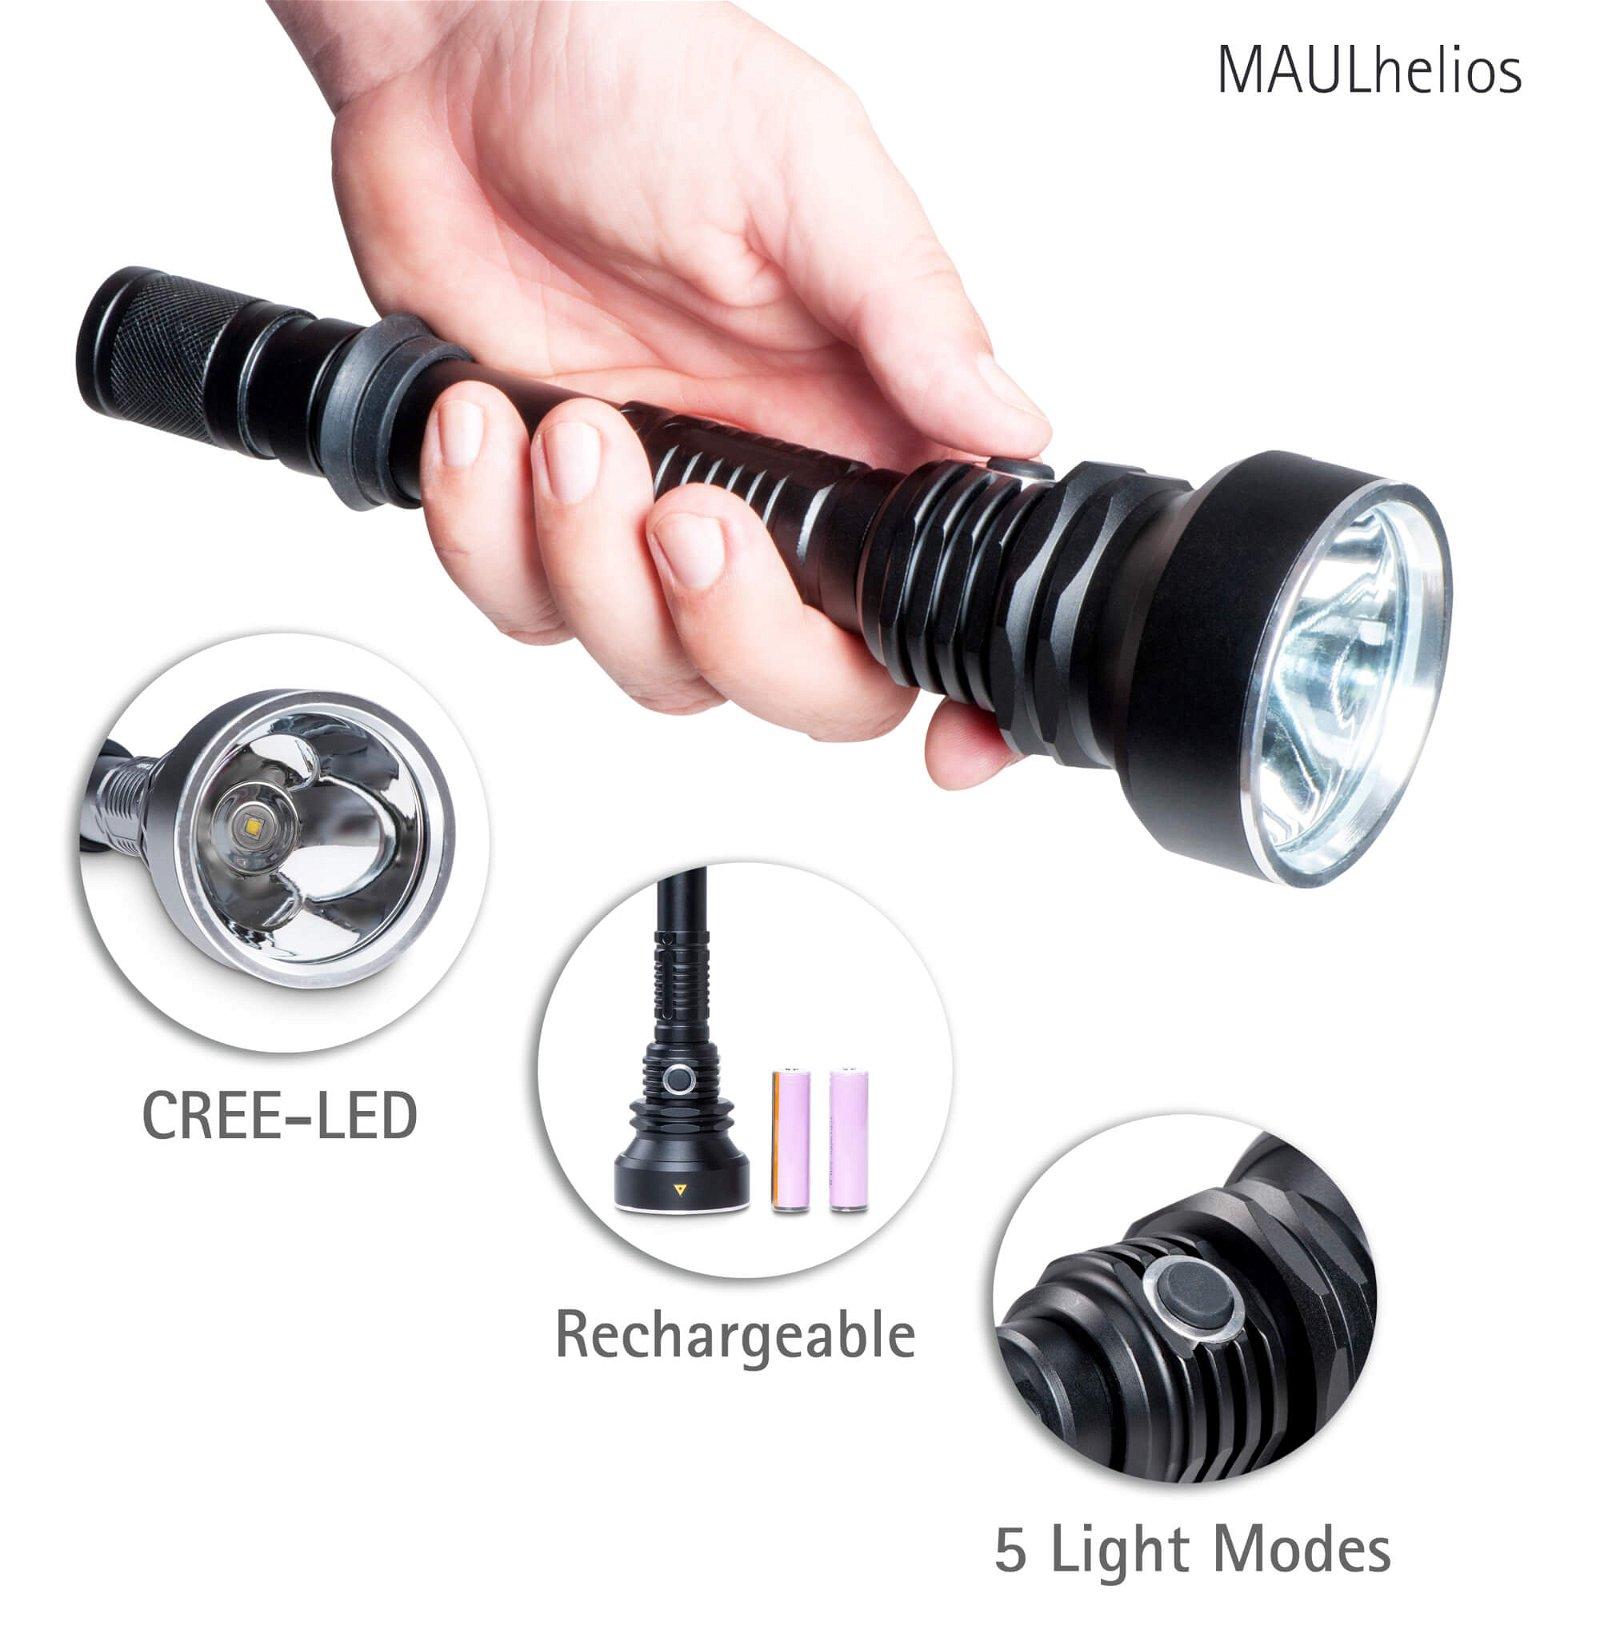 LED-Taschenlampe MAULhelios Infografik